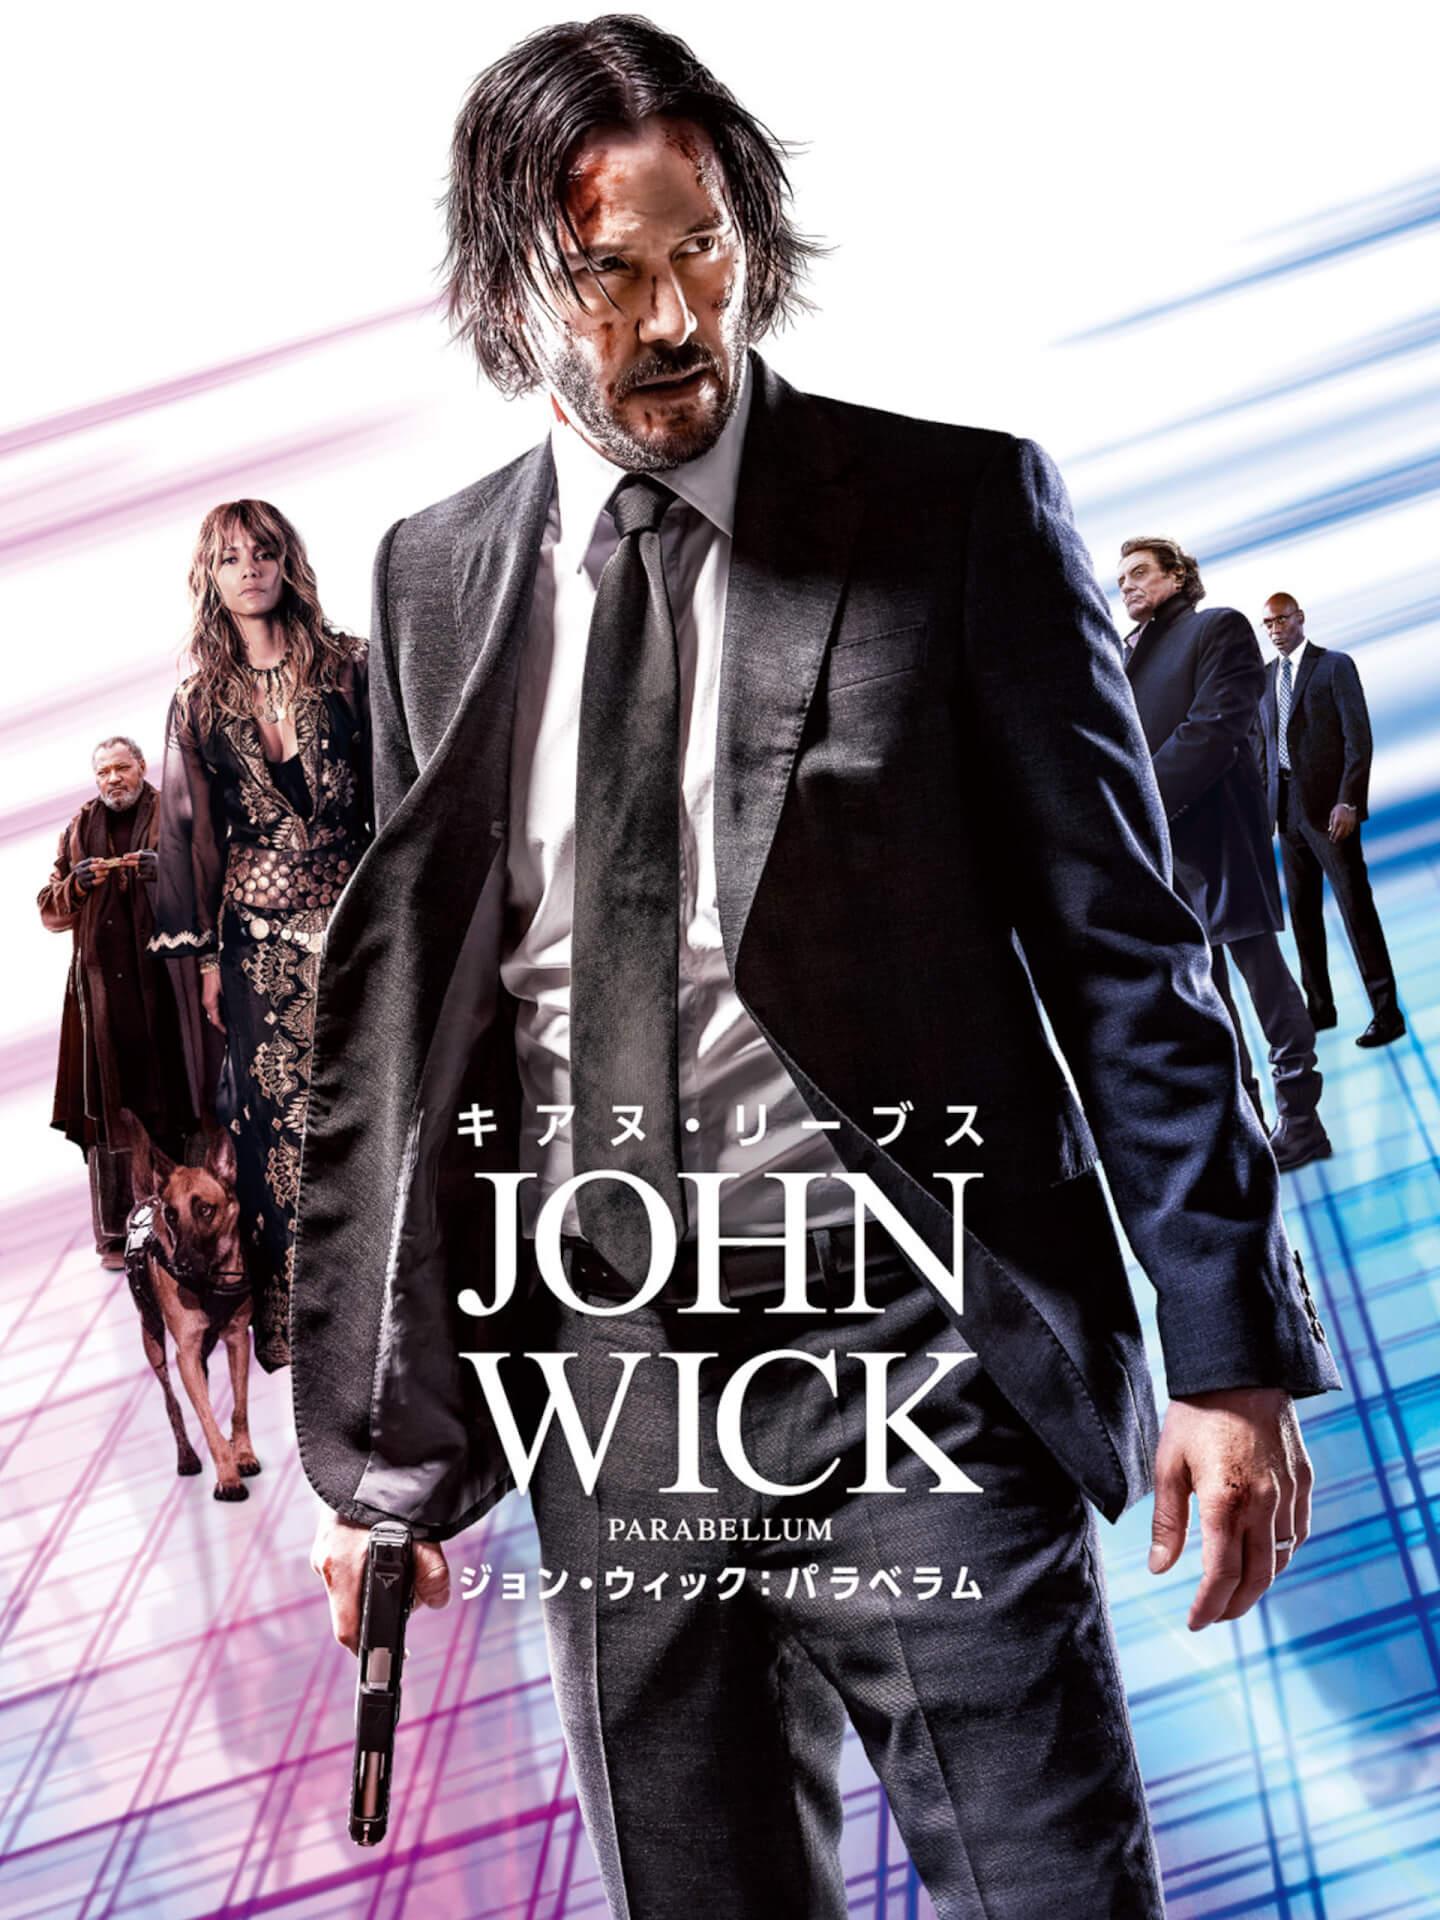 『ジョン・ウィック:パラベラム』、『星の王子ニューヨークへ行く 2』など話題作がたくさん!Amazonプライムビデオ3月の配信ラインナップが解禁 film210225_amazonprimevideo_5